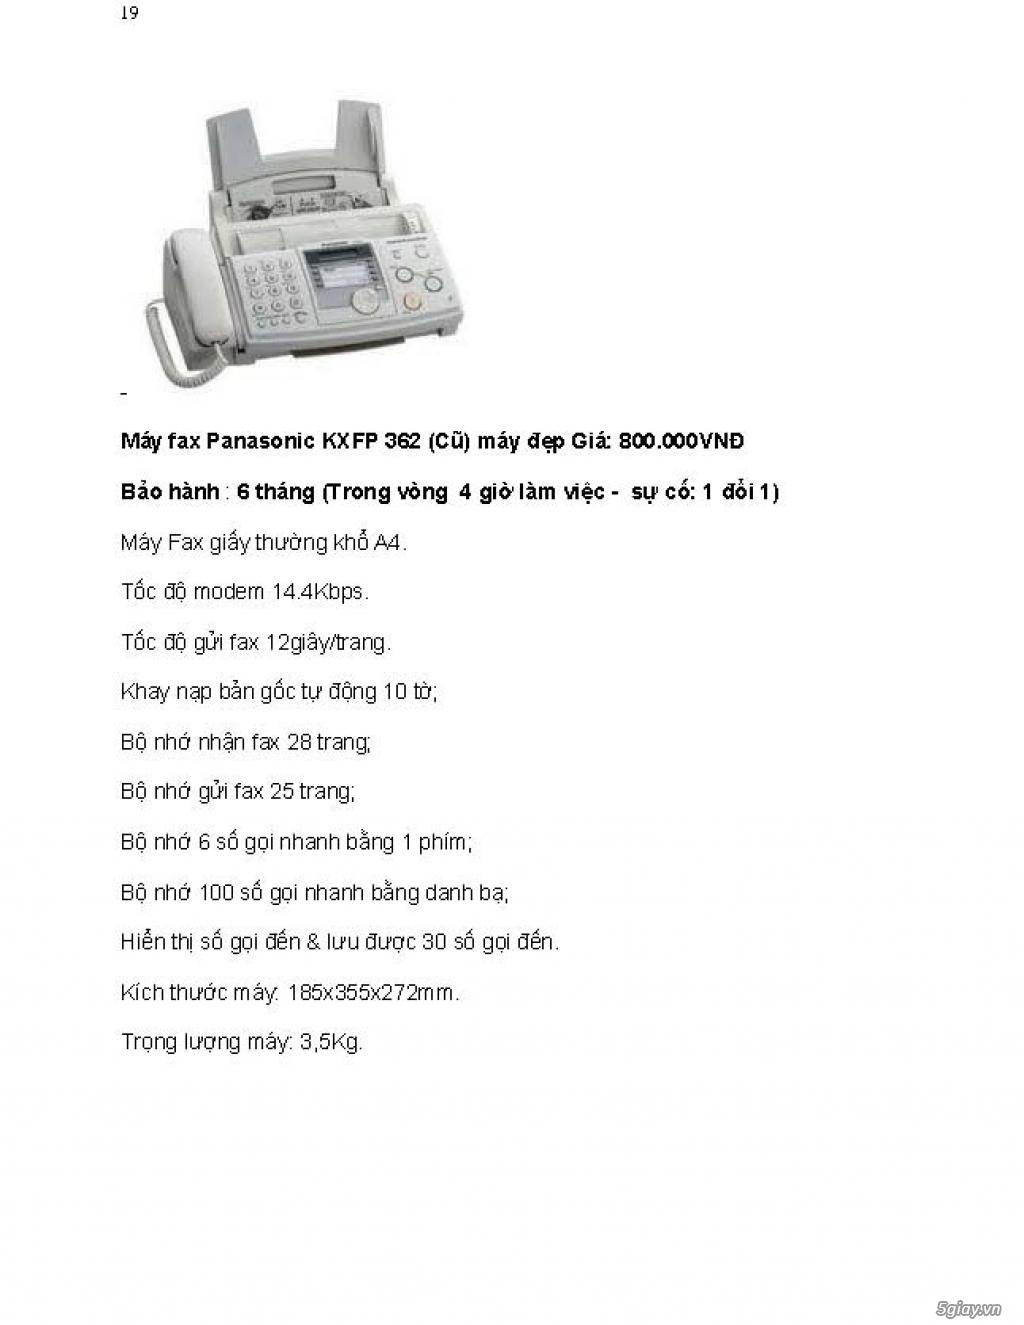 Sửa chữa Bộ Đàm,Máy Fax,Tổng Đài - 30